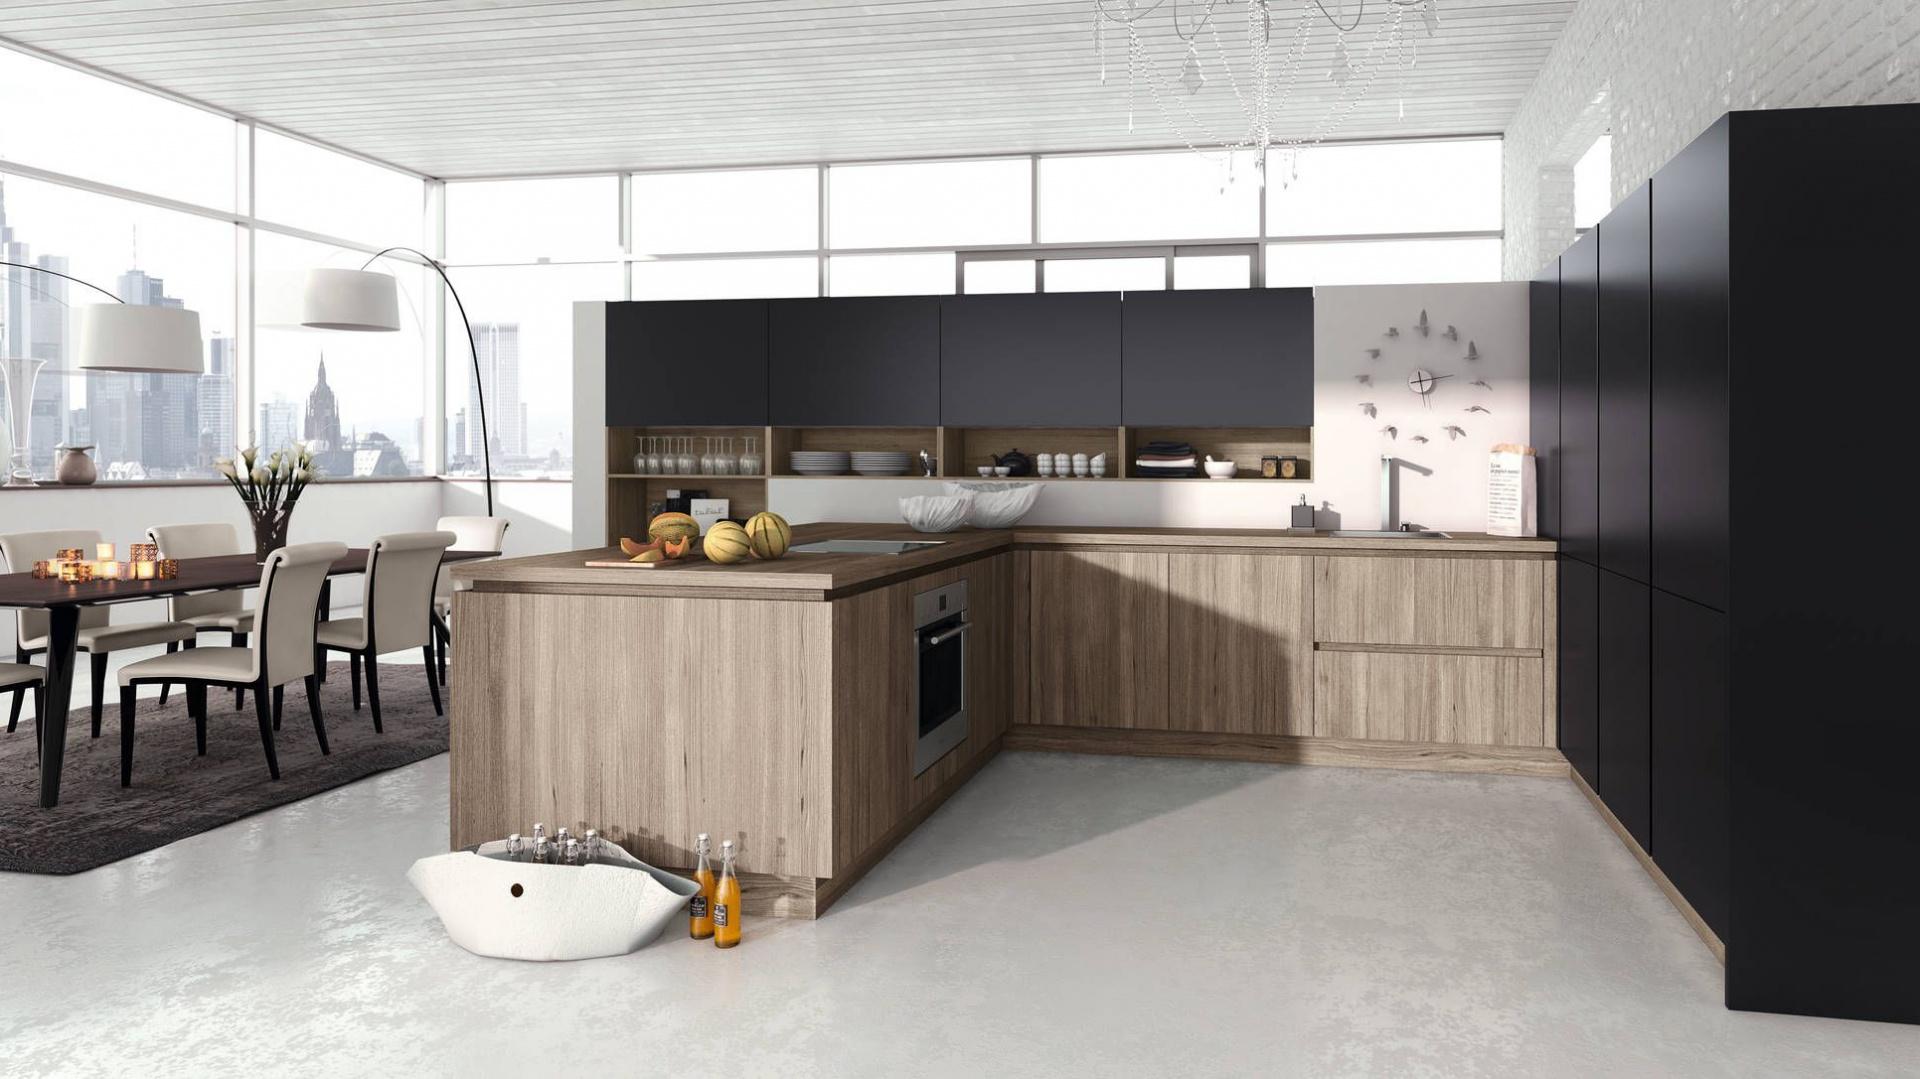 Piękne, eleganckie wnętrze, w którym czarna, zabudowa efektownie kontrastuje z kuchnią w kształcie litery L, utrzymaną w odcieniach kawy z mlekiem. Gładkie fronty bez uchwytów z matowym wykończeniem nadają kuchni stylowy szyk. Fot. Alno, program Alnostar Smartline.